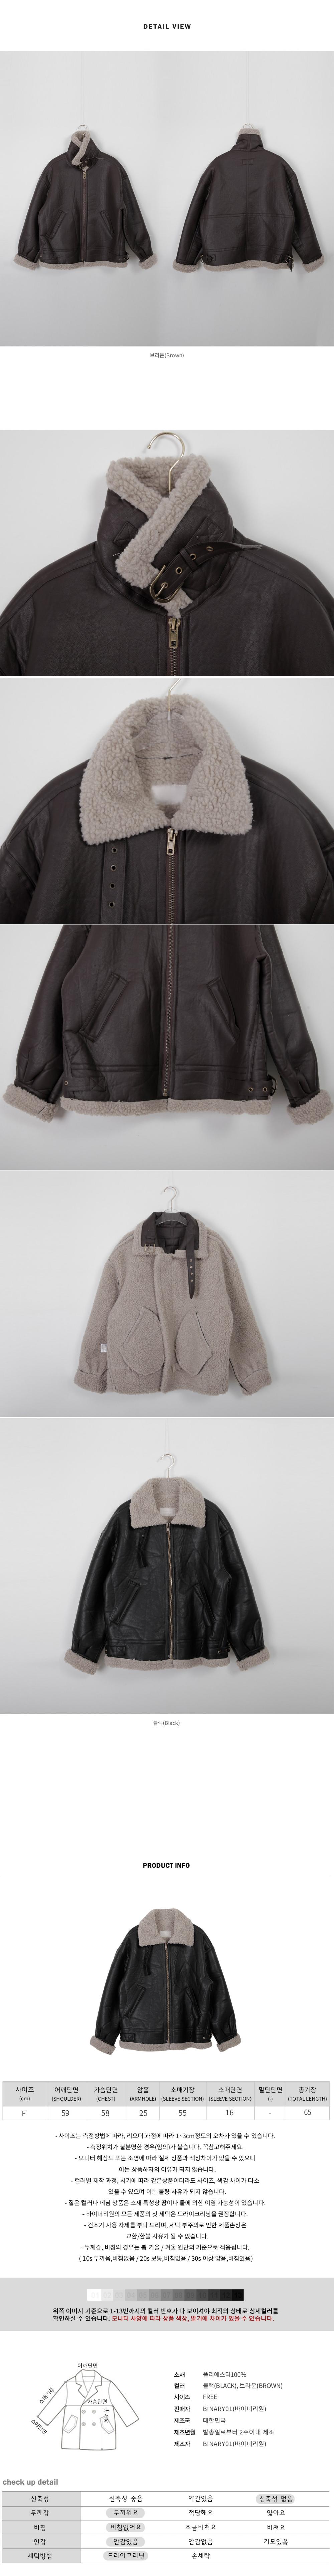 accessories detail image-S1L2